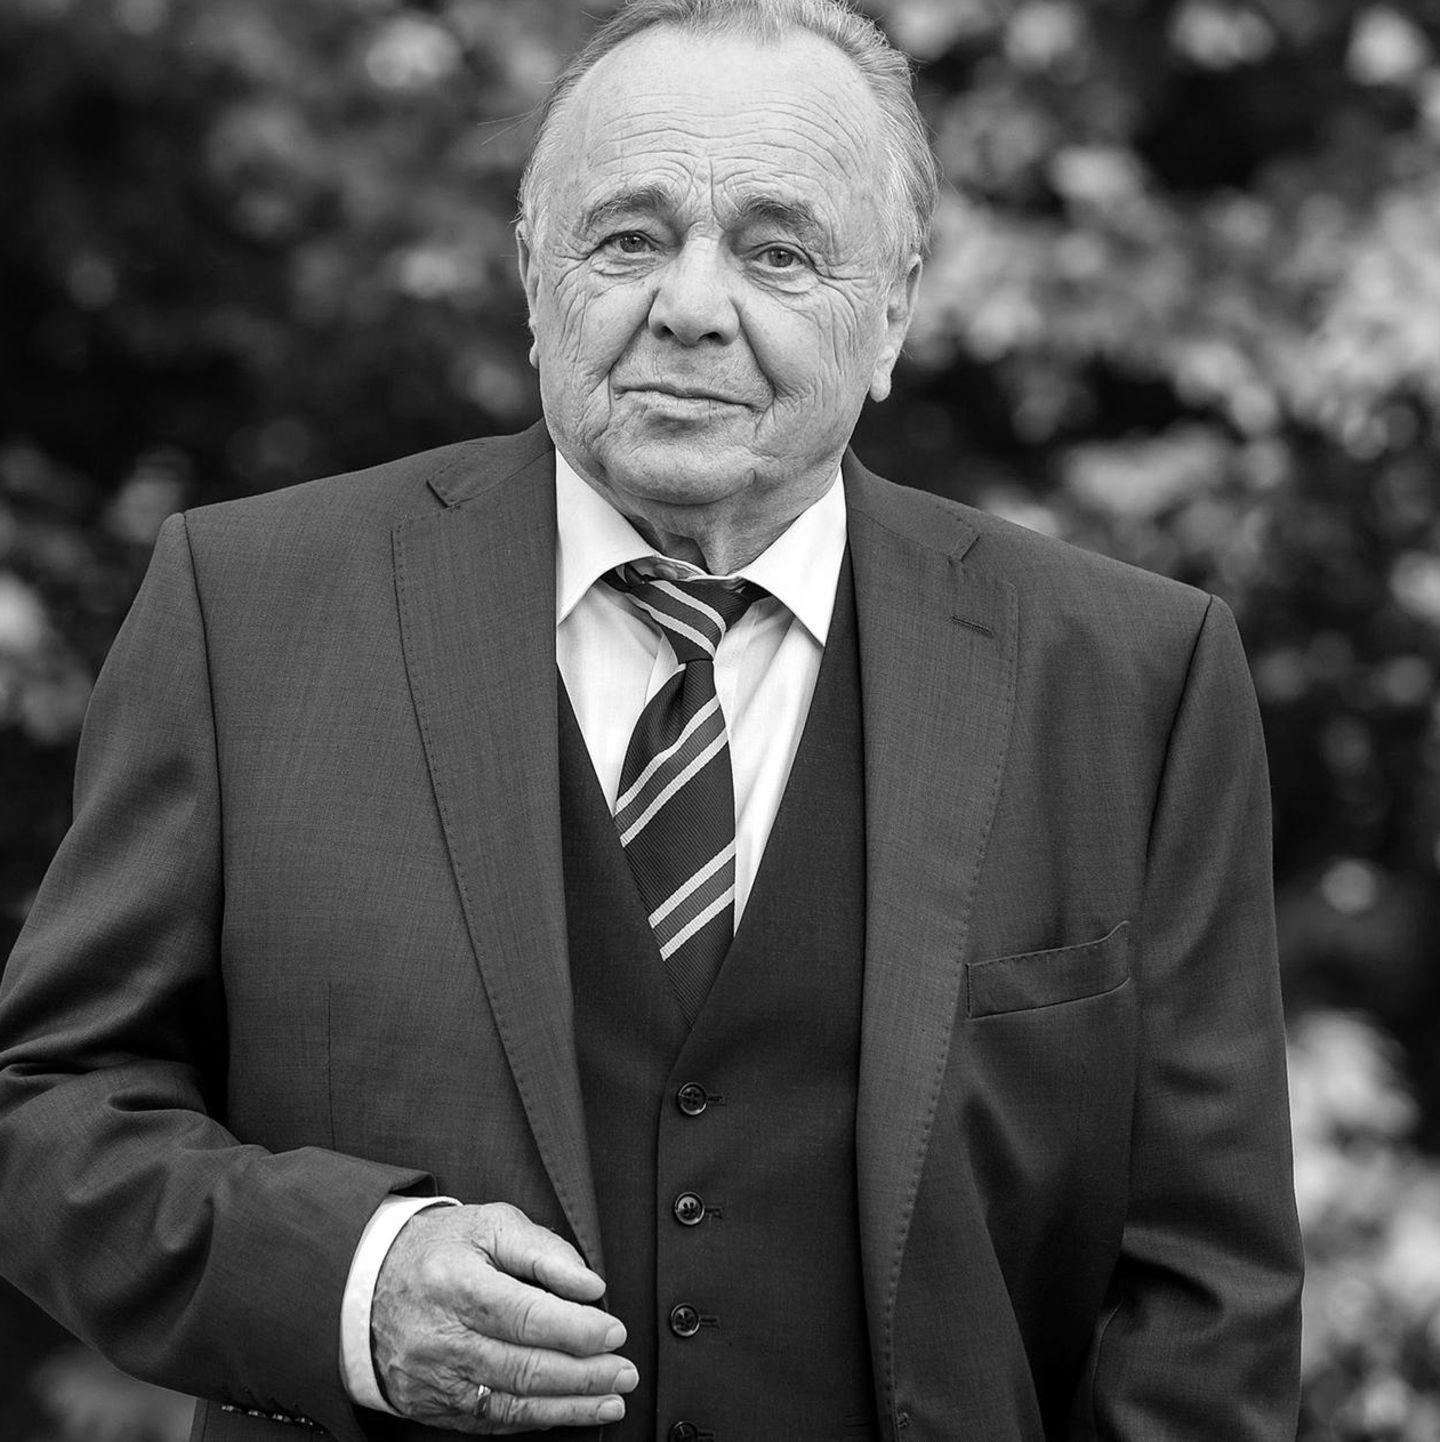 Über 19 Jahre lang spielte er 'Prof. Dr. Gernot Simoni' in der ARD-Erfolgsserie 'In aller Freundschaft'. Am 20. November starb der beliebte Schauspieler mit 77 Jahren.